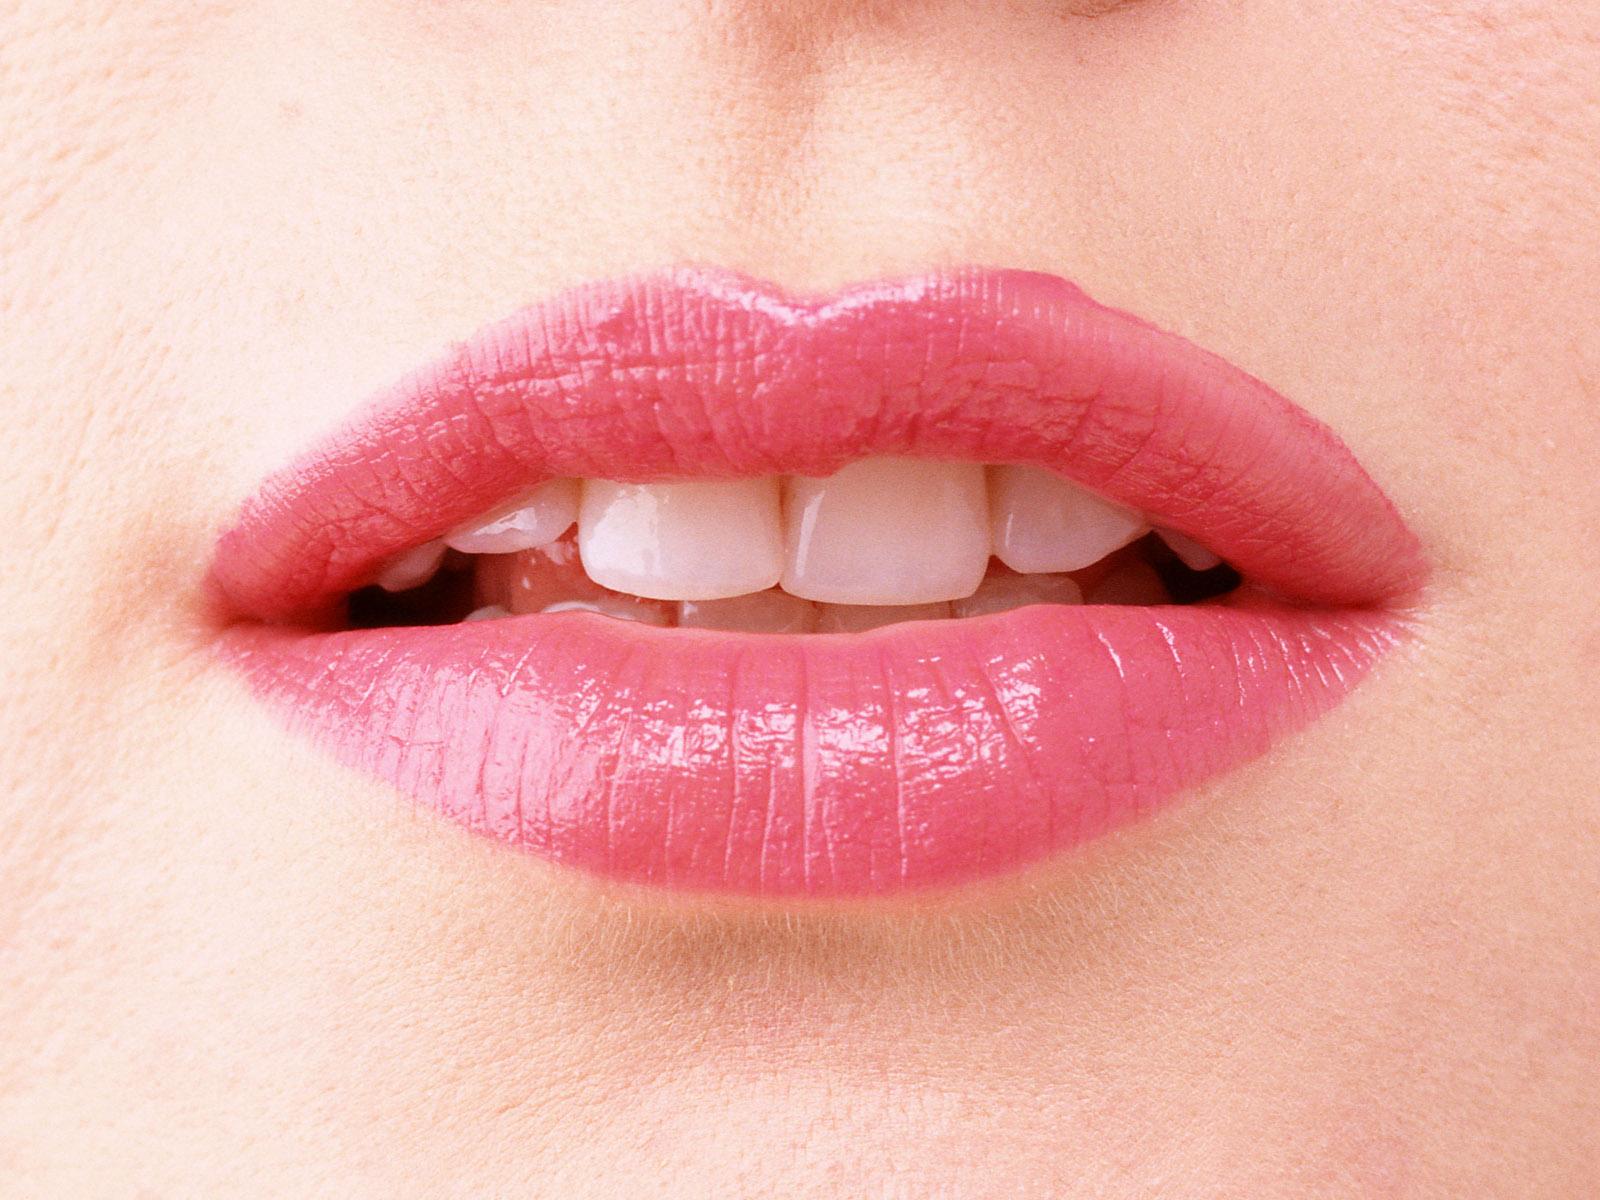 撮影壁紙 無料ダウンロード 女性の特写 唇